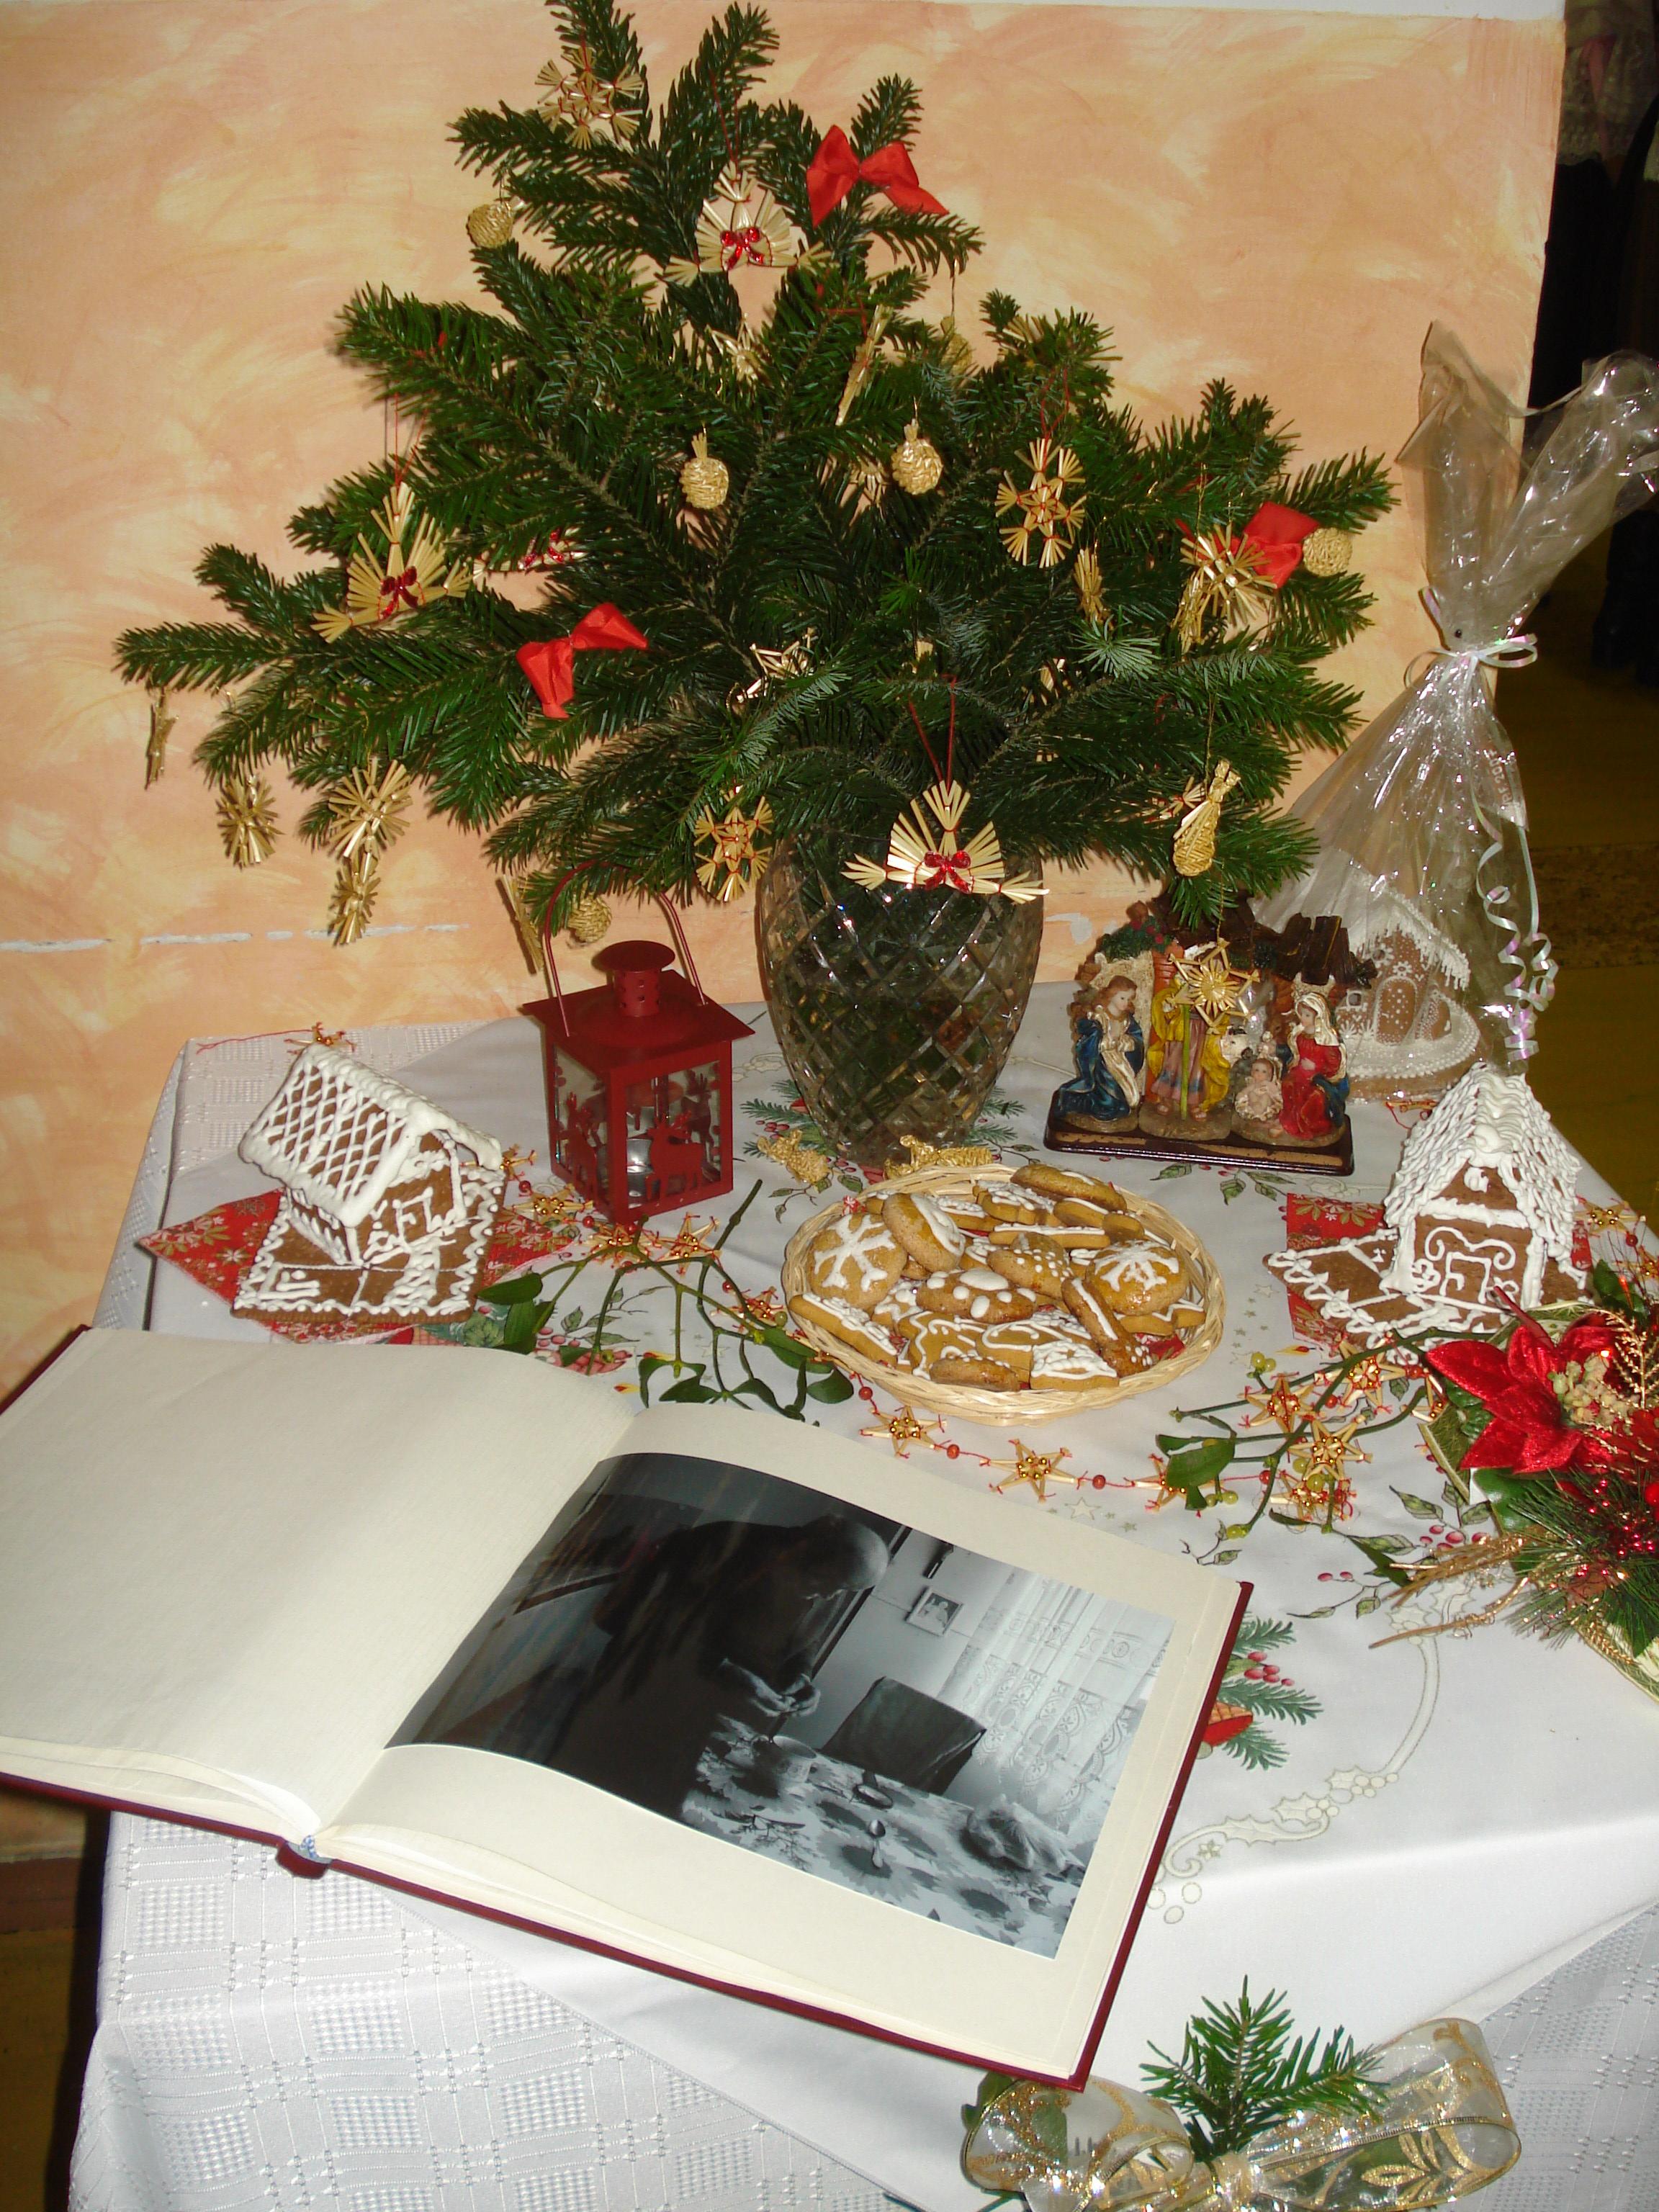 Vianočná dekorácia 2009